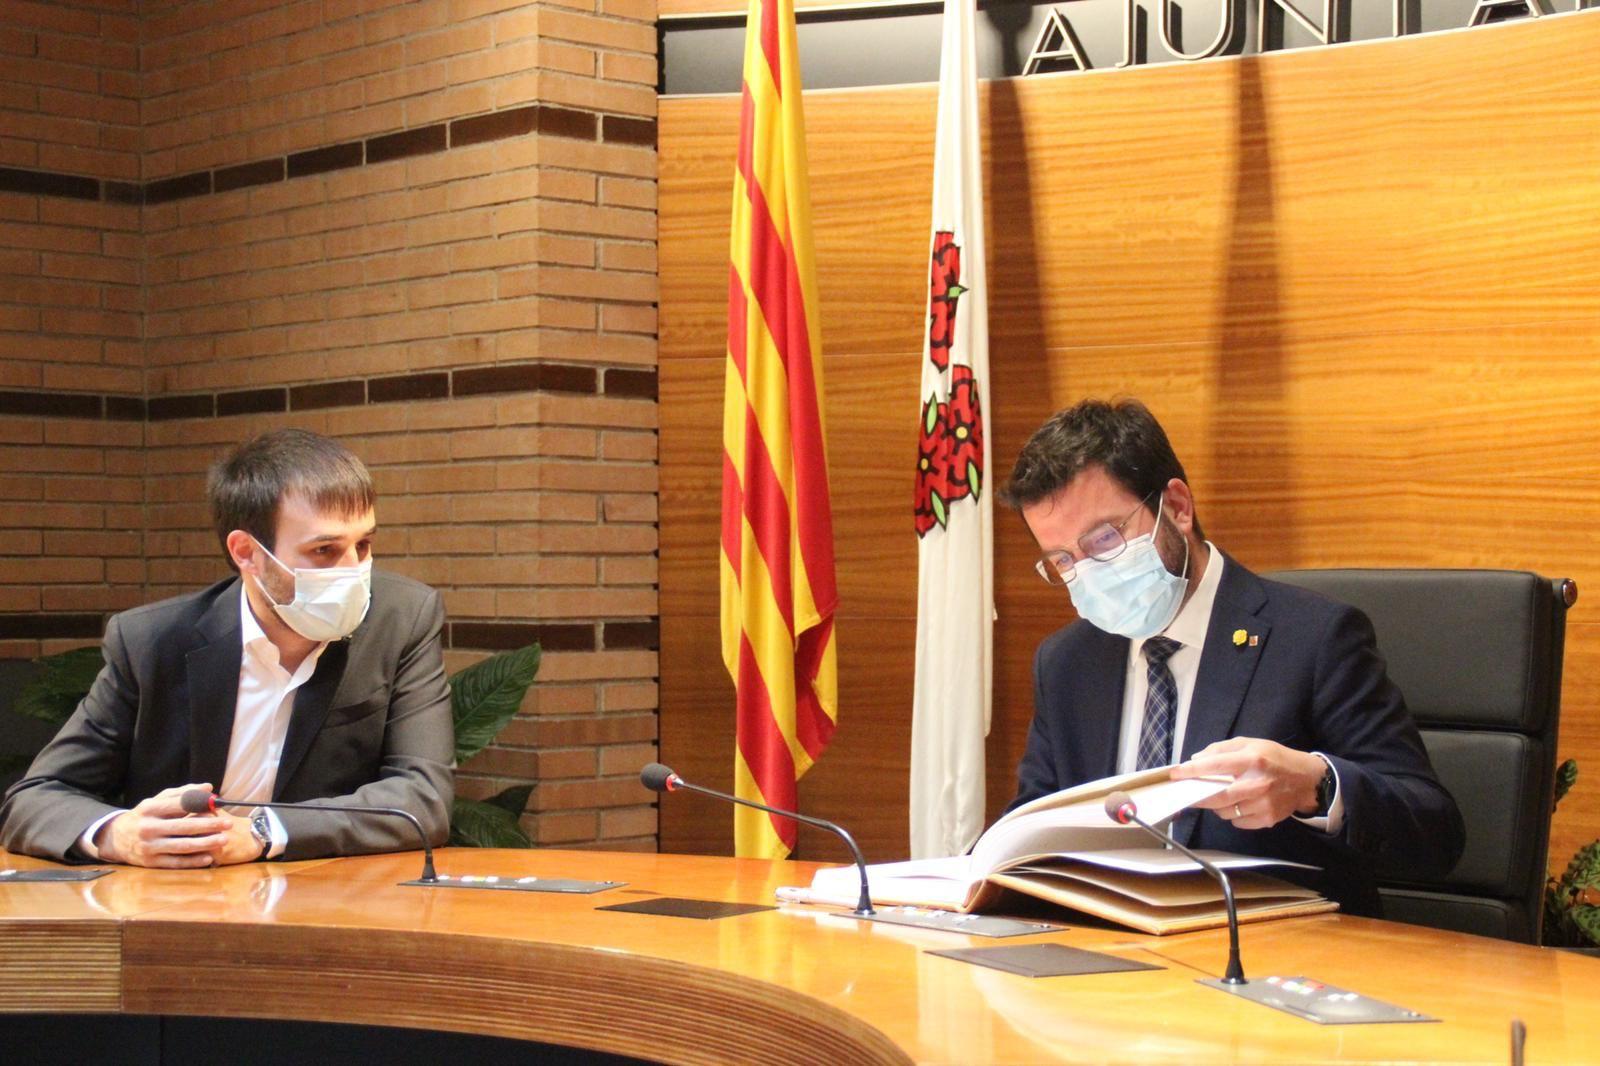 El president Pere Aragonès visita Roses acompanyat de l'alcalde del municipi, Joan Plana